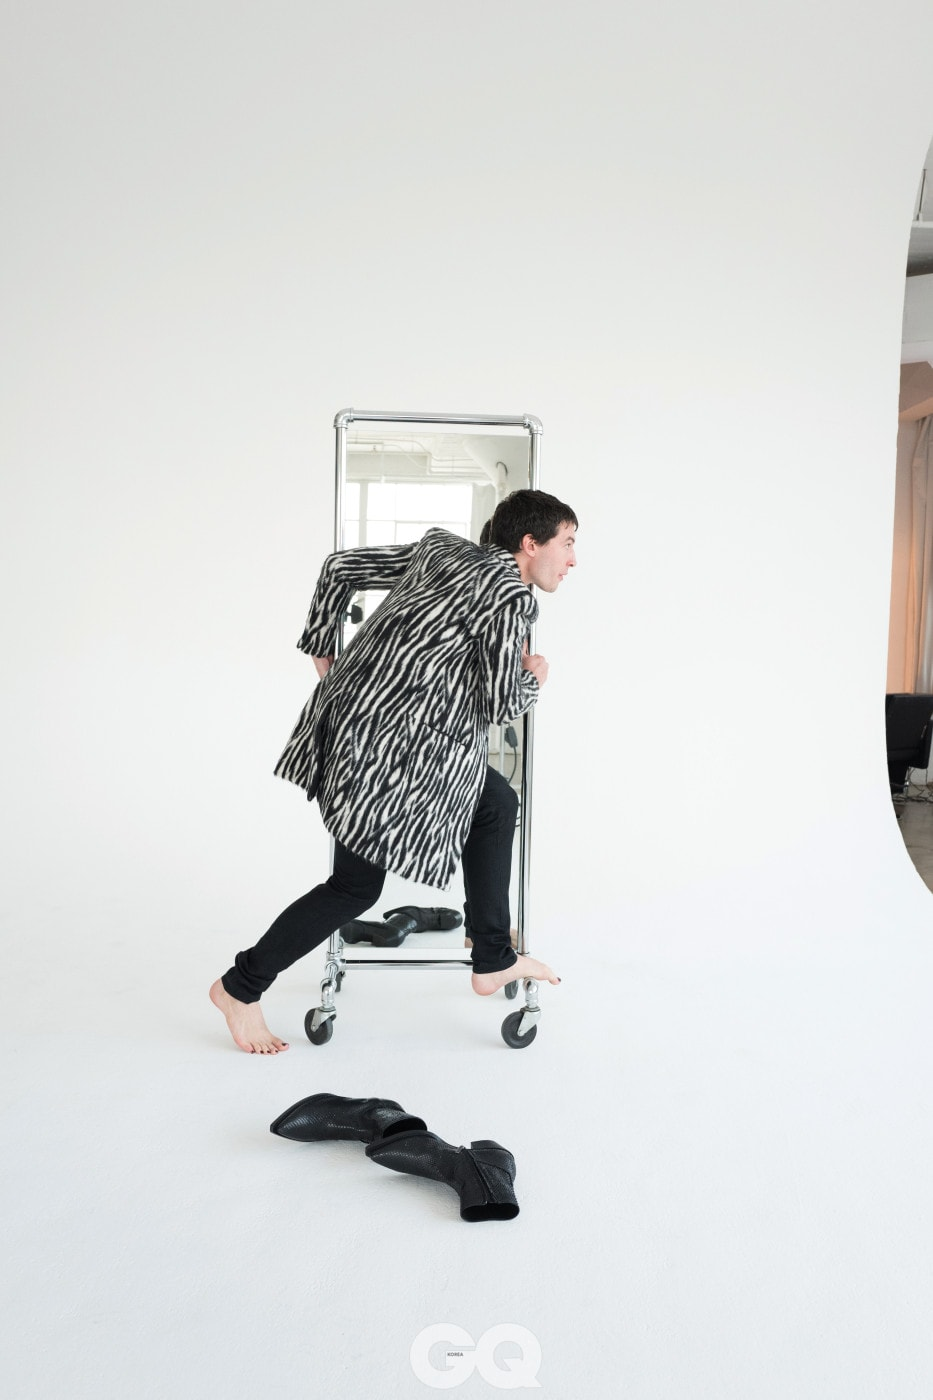 지브라 패턴 코트, 블랙 데님 슬림 진, 블랙 루카스 지퍼 부츠, 모두 생 로랑 by 안토니 바카렐로.